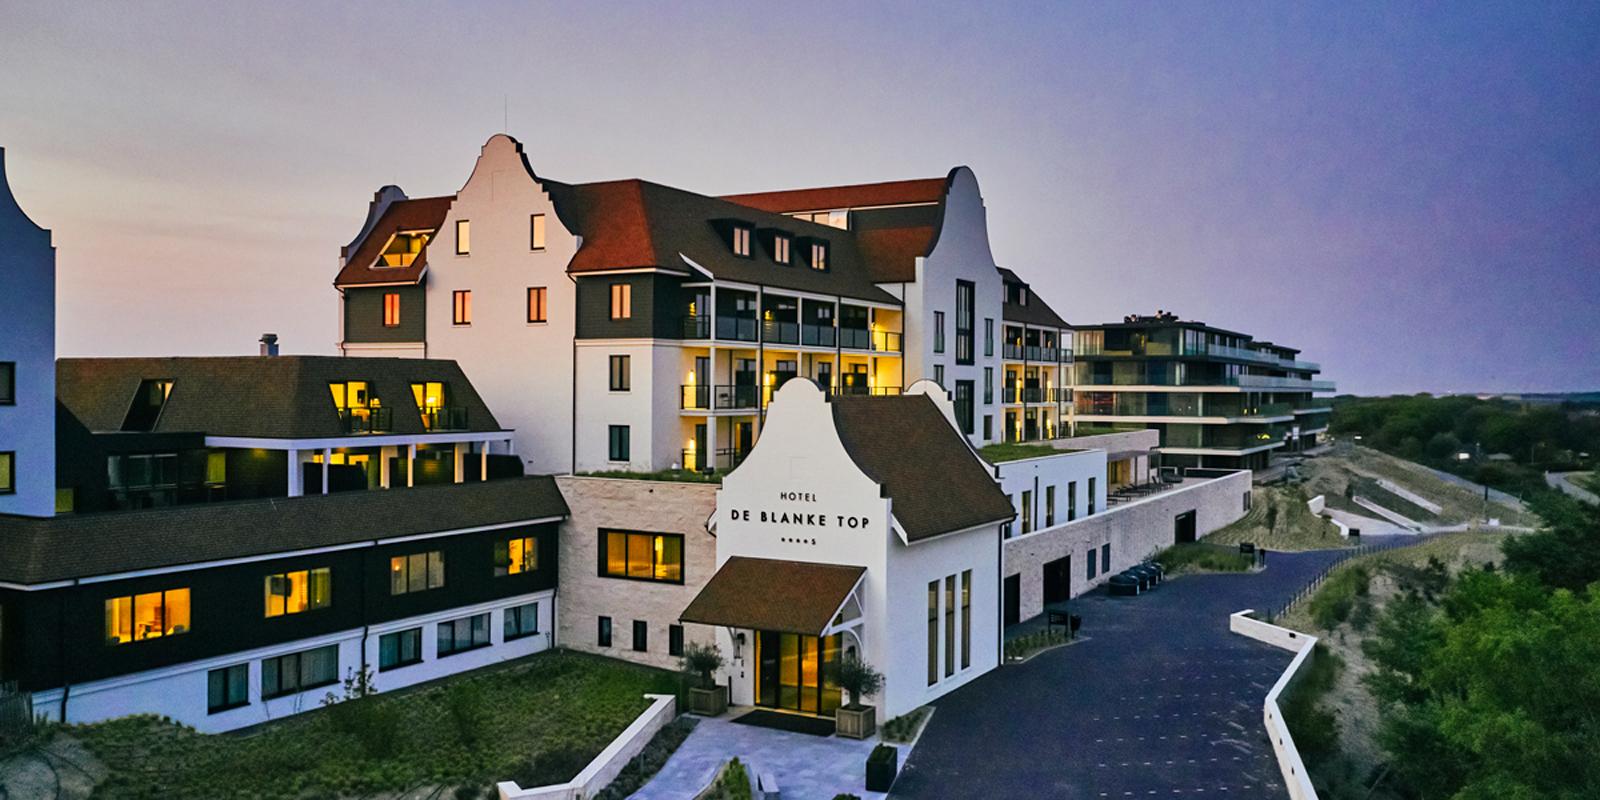 Hotel in de duinen | Hotel De Blanke Top, the art of living